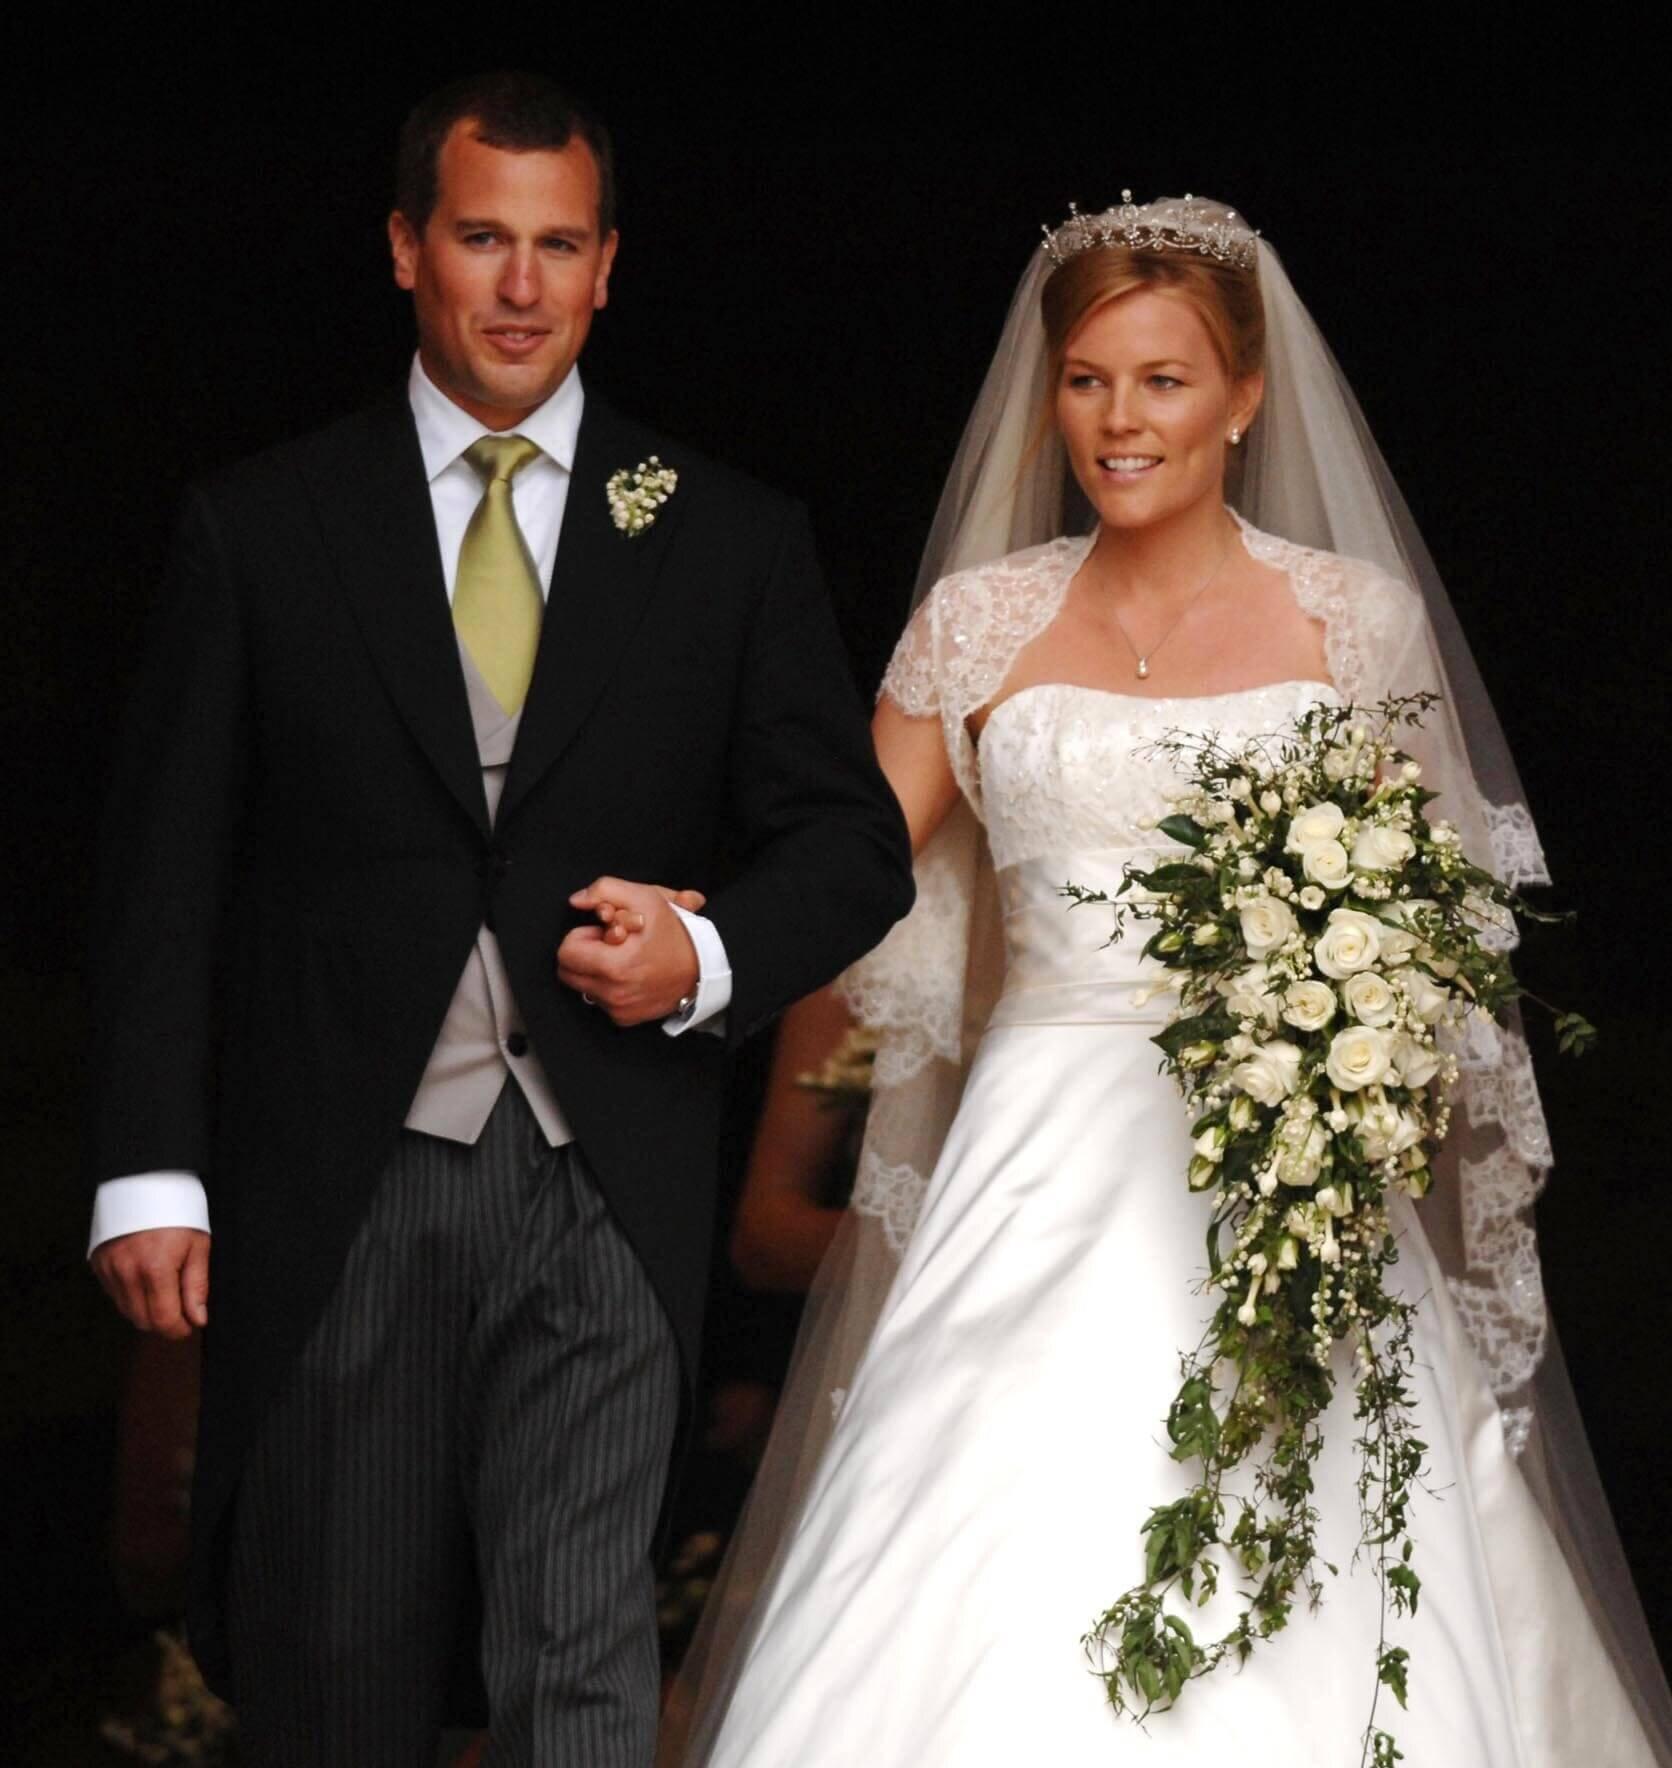 Wieder eine Trennung im britischen Königshaus: Auch die Ehe von Peter und Autumn Phillips stehet offenbar vor dem Aus. Das Paar hatte 2008 geheiratet.  © dpa